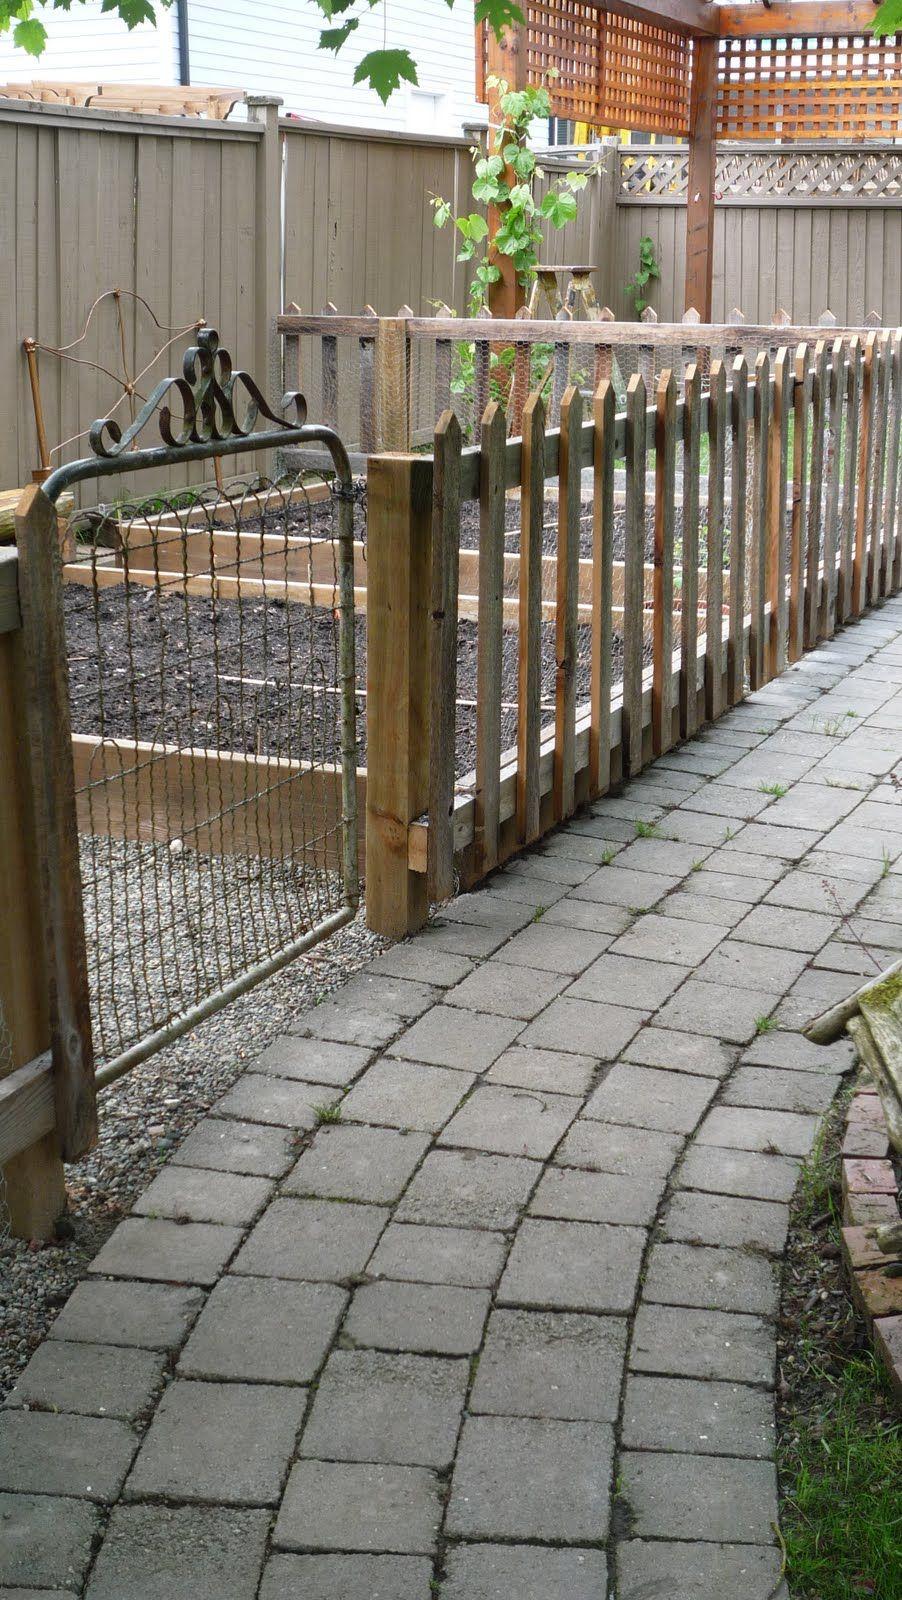 Diy Garden Fence Ideas To Keep Your Plants Safely Tags Easy Diy Garden Fence Diy Garden Fence Plan Diy Garden Fence Backyard Fences Fenced Vegetable Garden